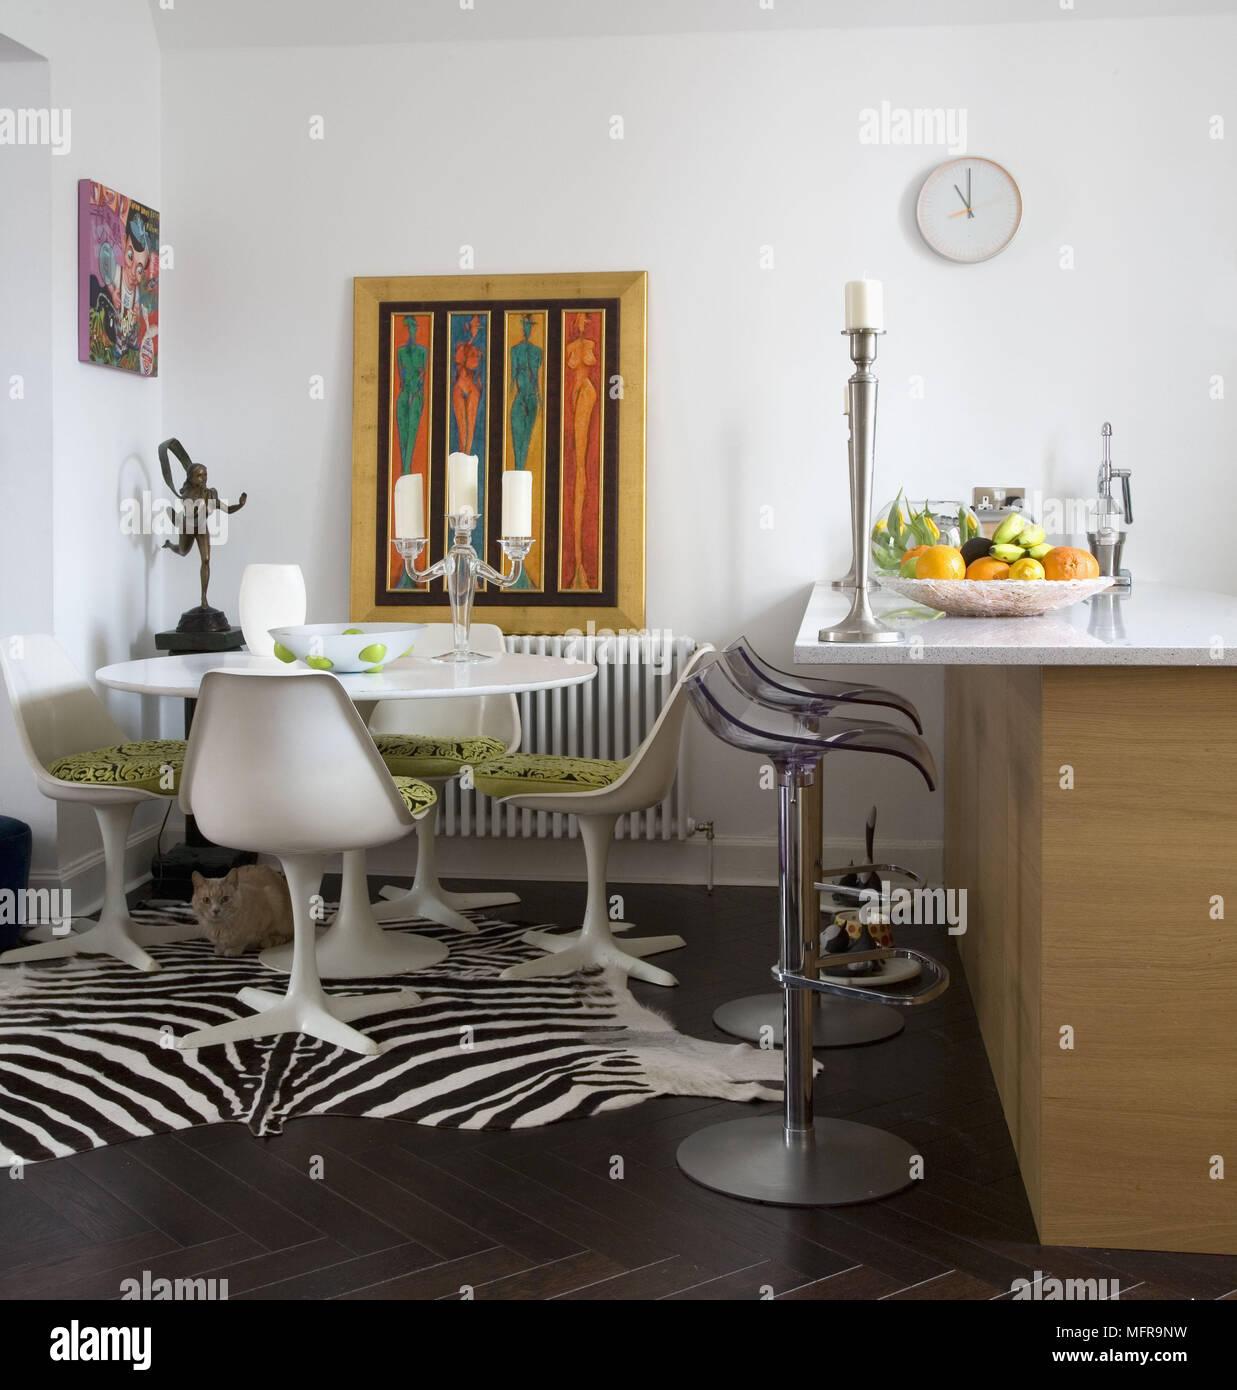 Eero Saarinen tavolo bianco e sedie in cucina contemporanea con ...